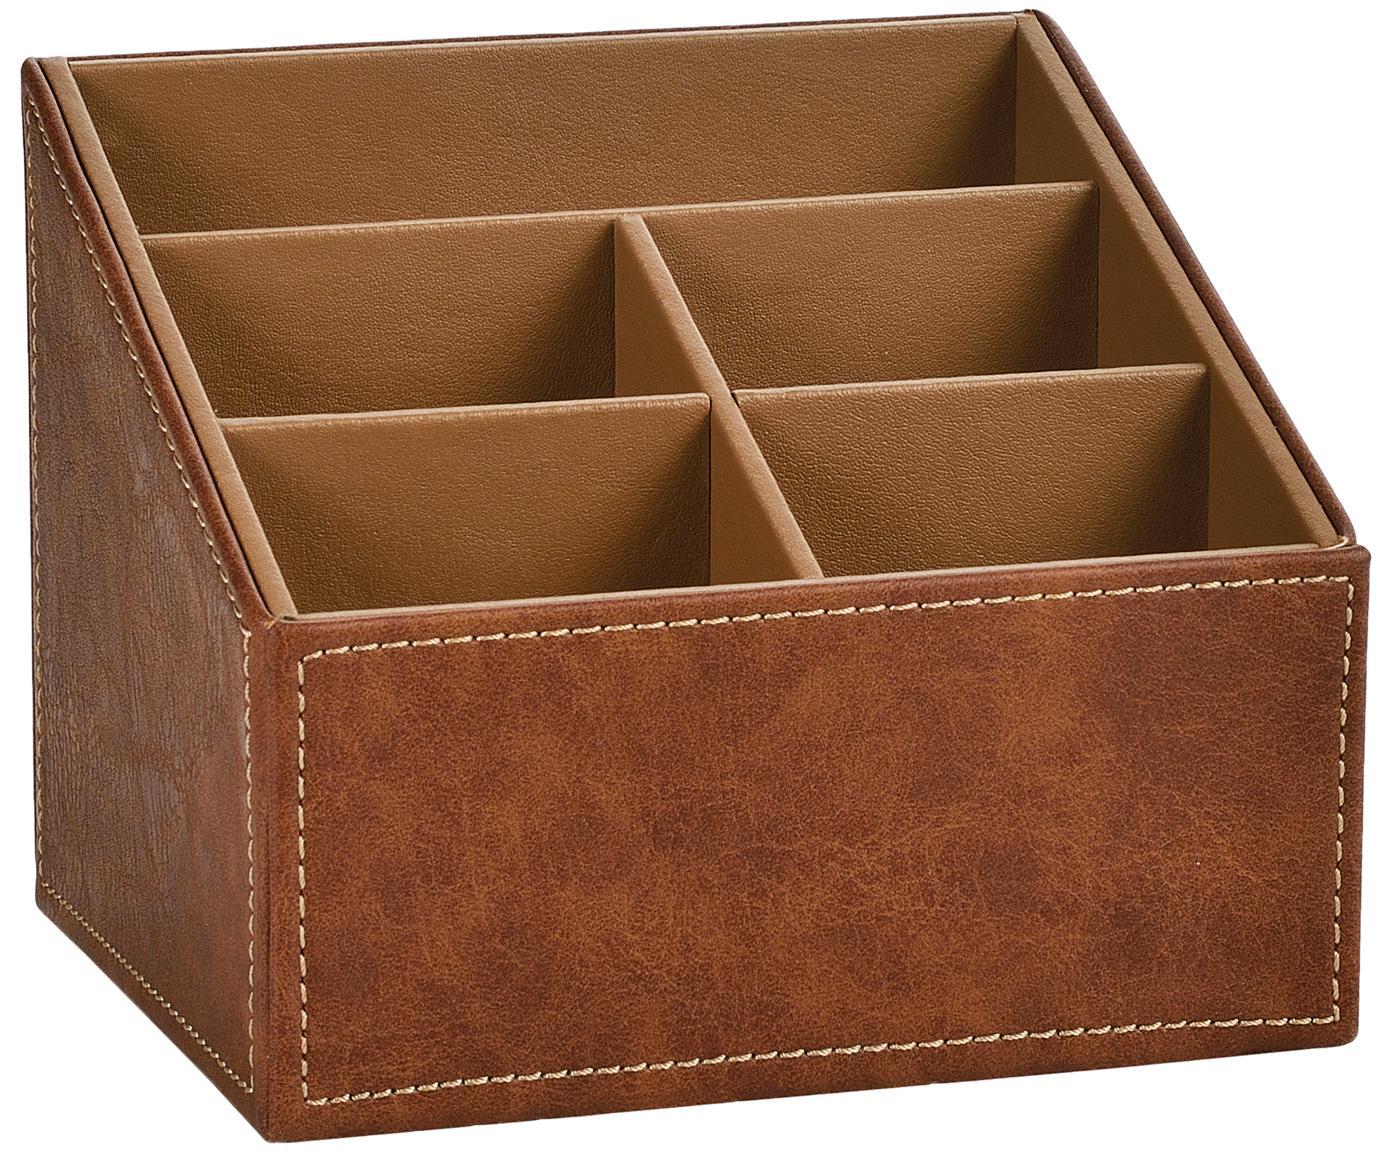 Büro-Organizer Storage, Bezug: Polyurethan (Kunstleder), Gestell: Mitteldichte Holzfaserpla, Braun, 17 x 13 cm